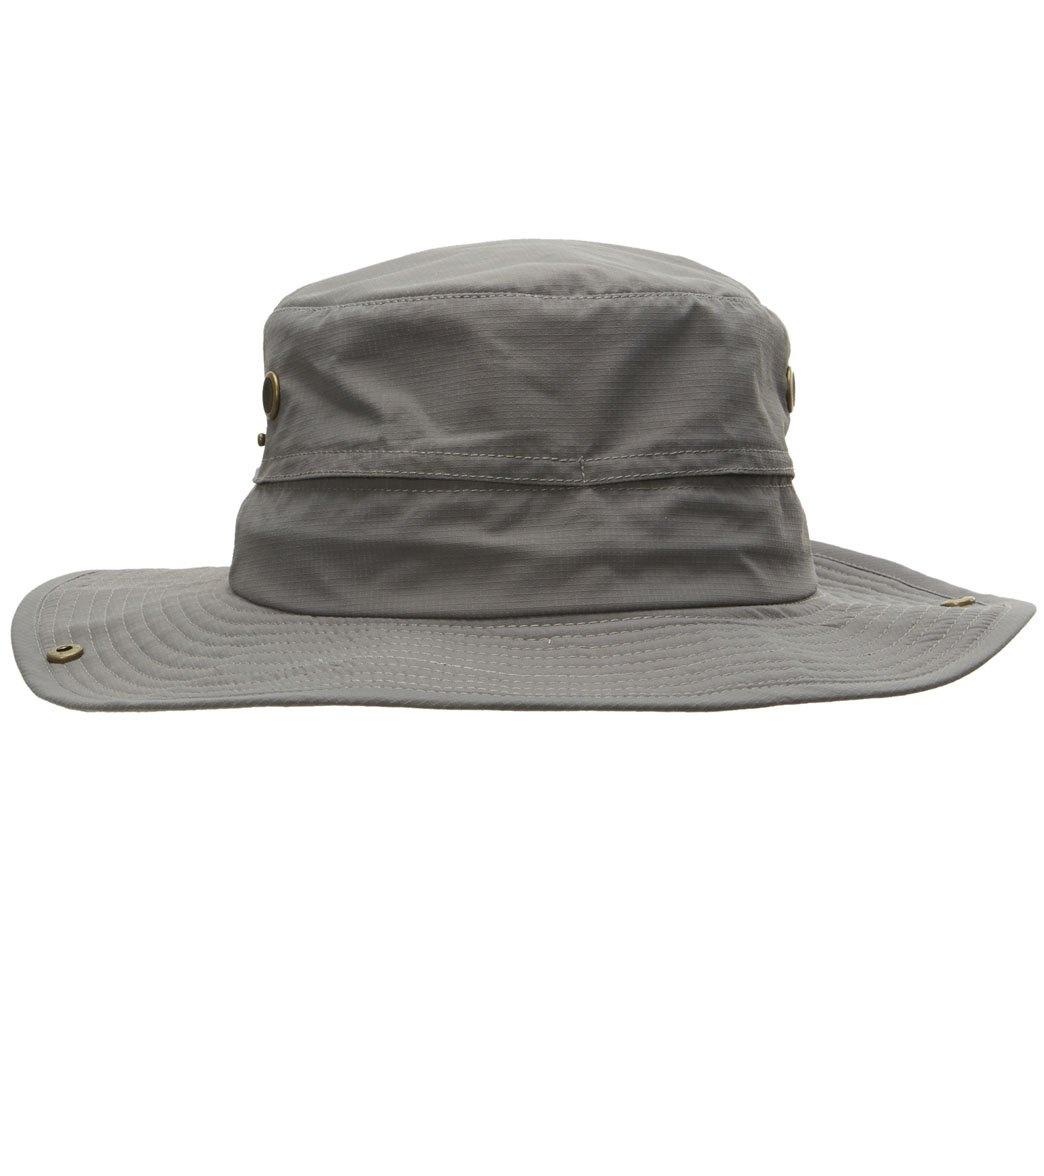 Peter Grimm Calibre Packable Bucket Hat at SwimOutlet.com cd2e20e52f4